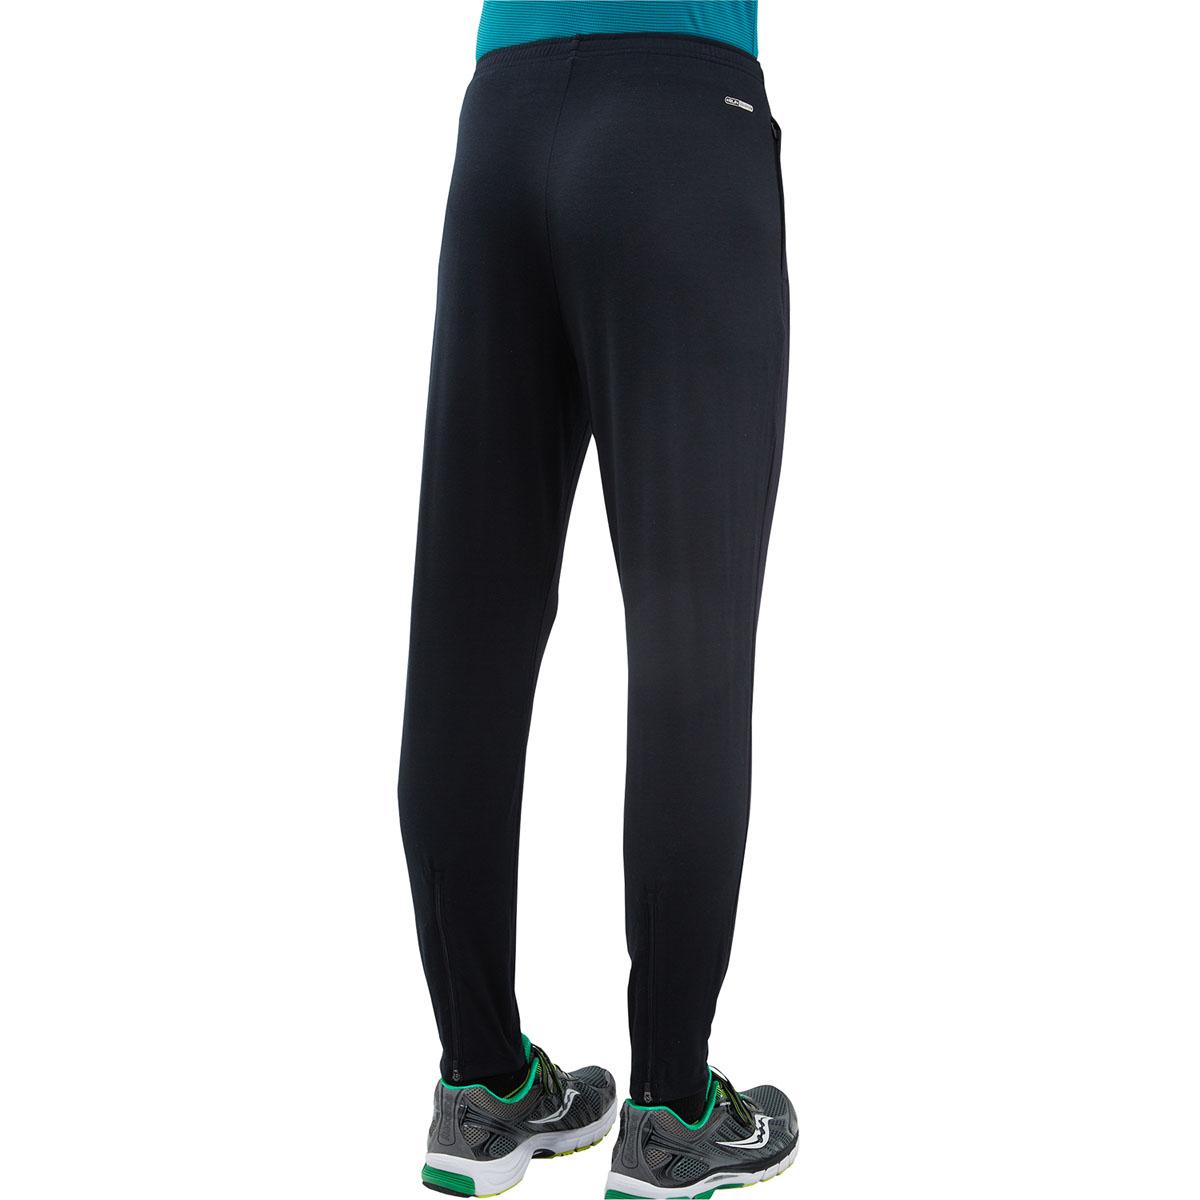 Брюки спортивные80731-BKМужские брюки Saucony Boston выполнены из мягкой, матовой ткан. Молнии в боковых карманах. Молнии на лодыжках. Эластичный пояс с внутренним шнурком.